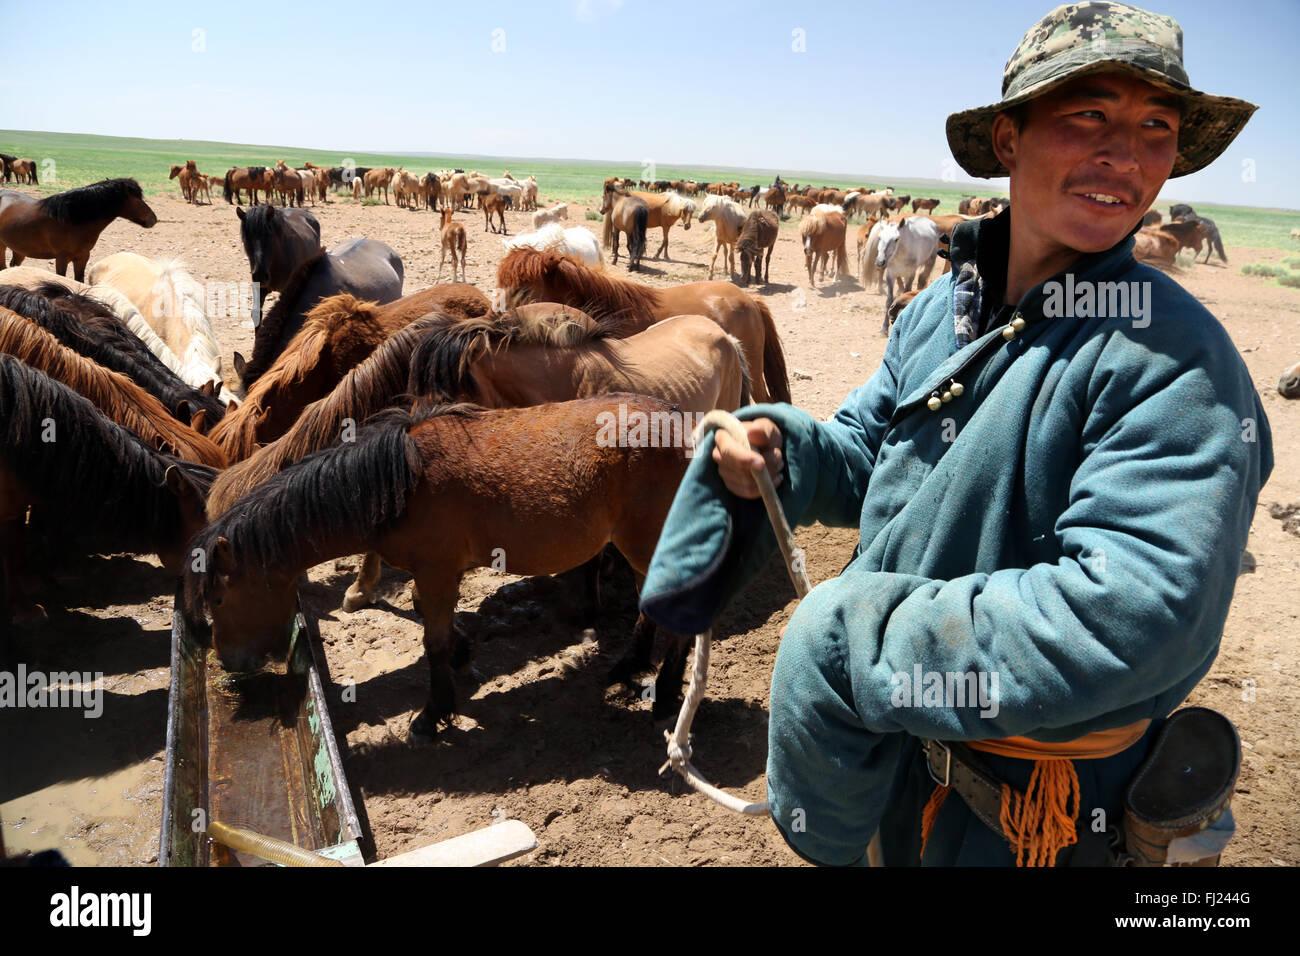 Retrato del hombre de Mongolia con ropa de vestir tradicional llamado 'deel' Imagen De Stock